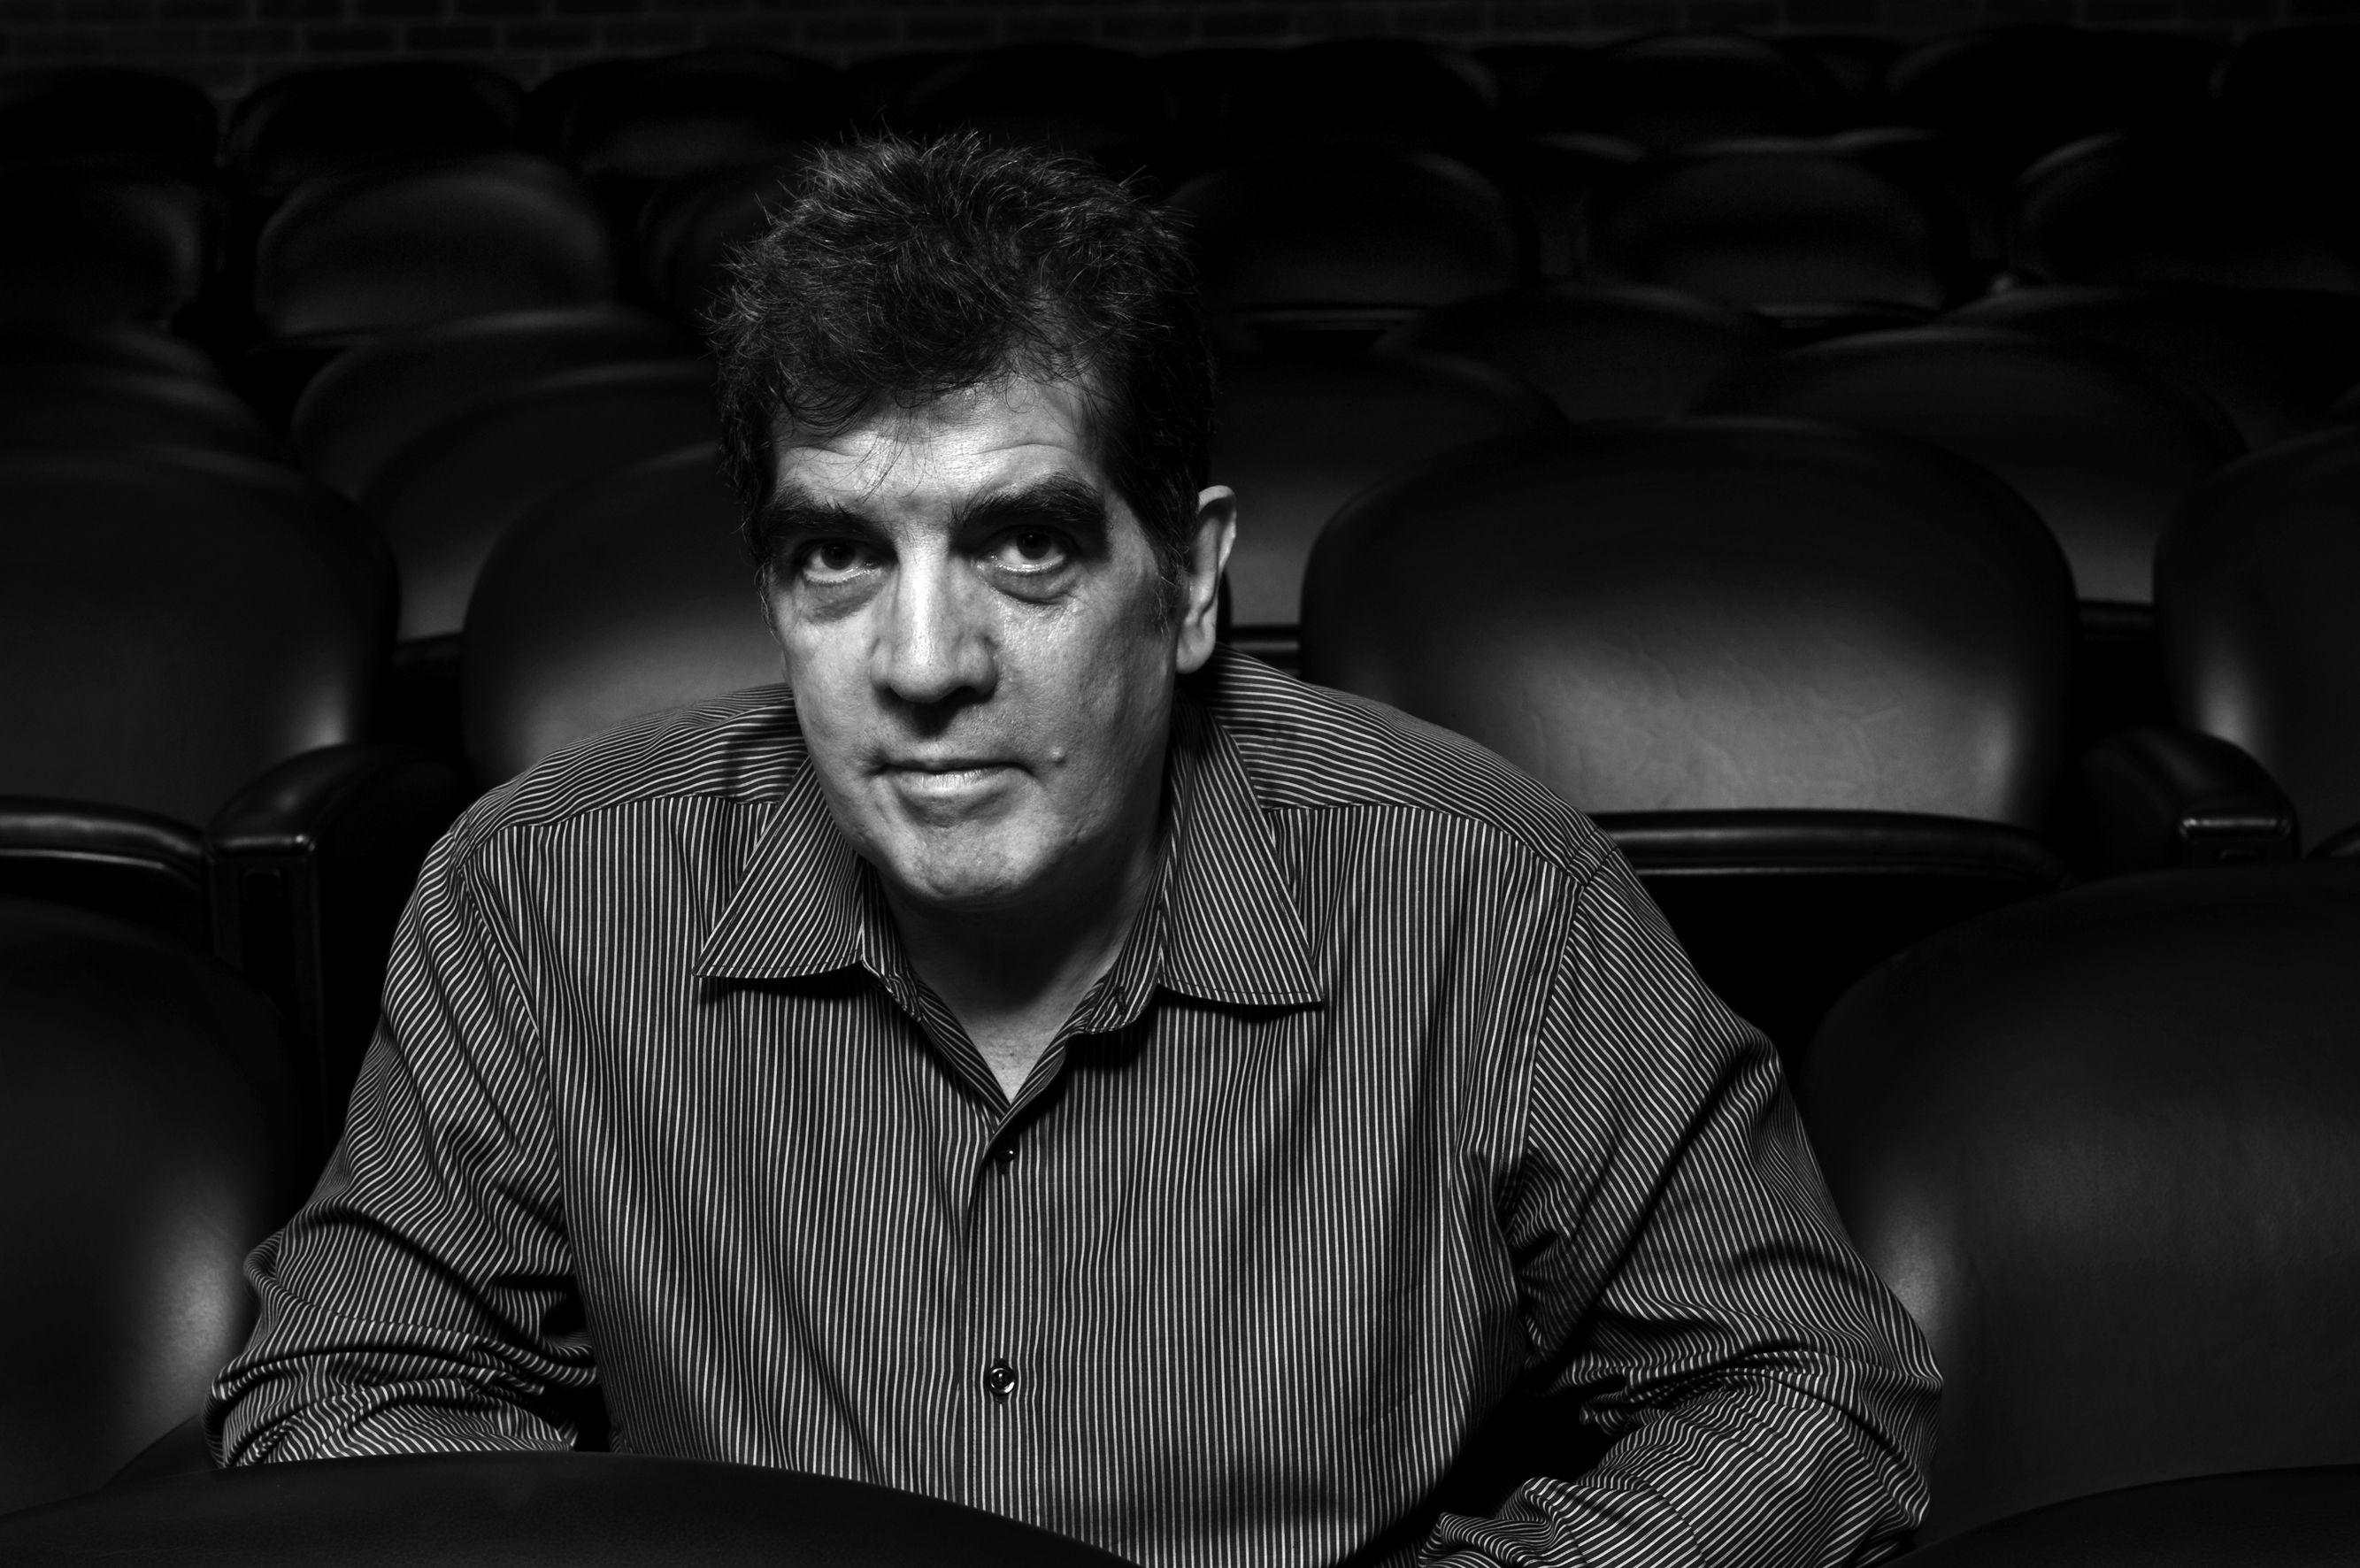 Eduardo Lago dará una conferencia en el Parque de España.